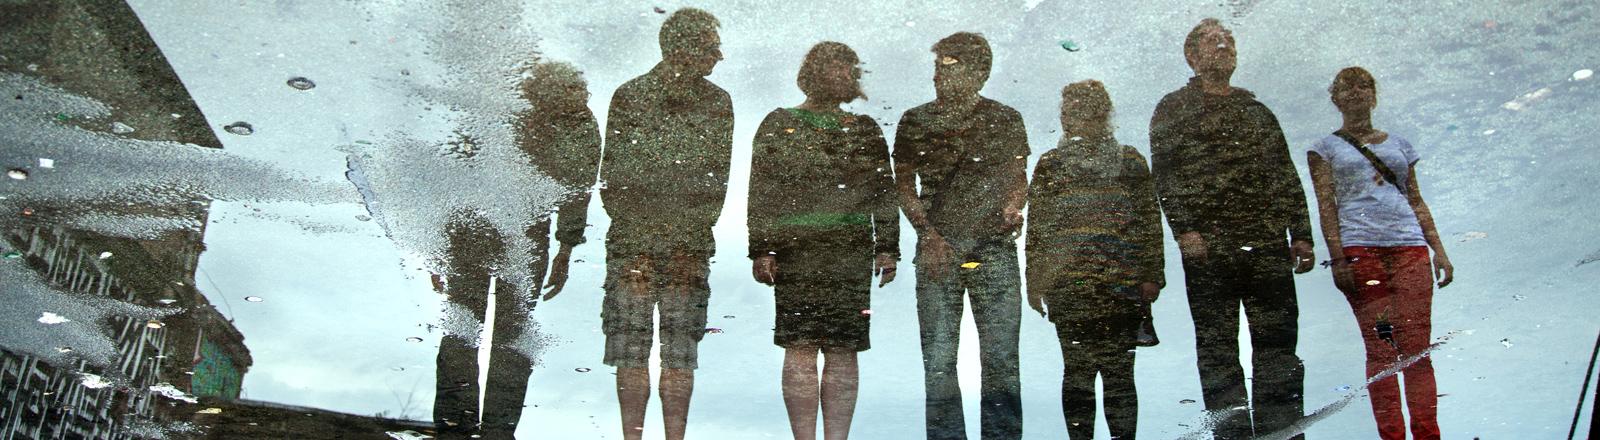 Ein Team aus Männern und Frauen spiegelt sich in einer Straßenpfütze.